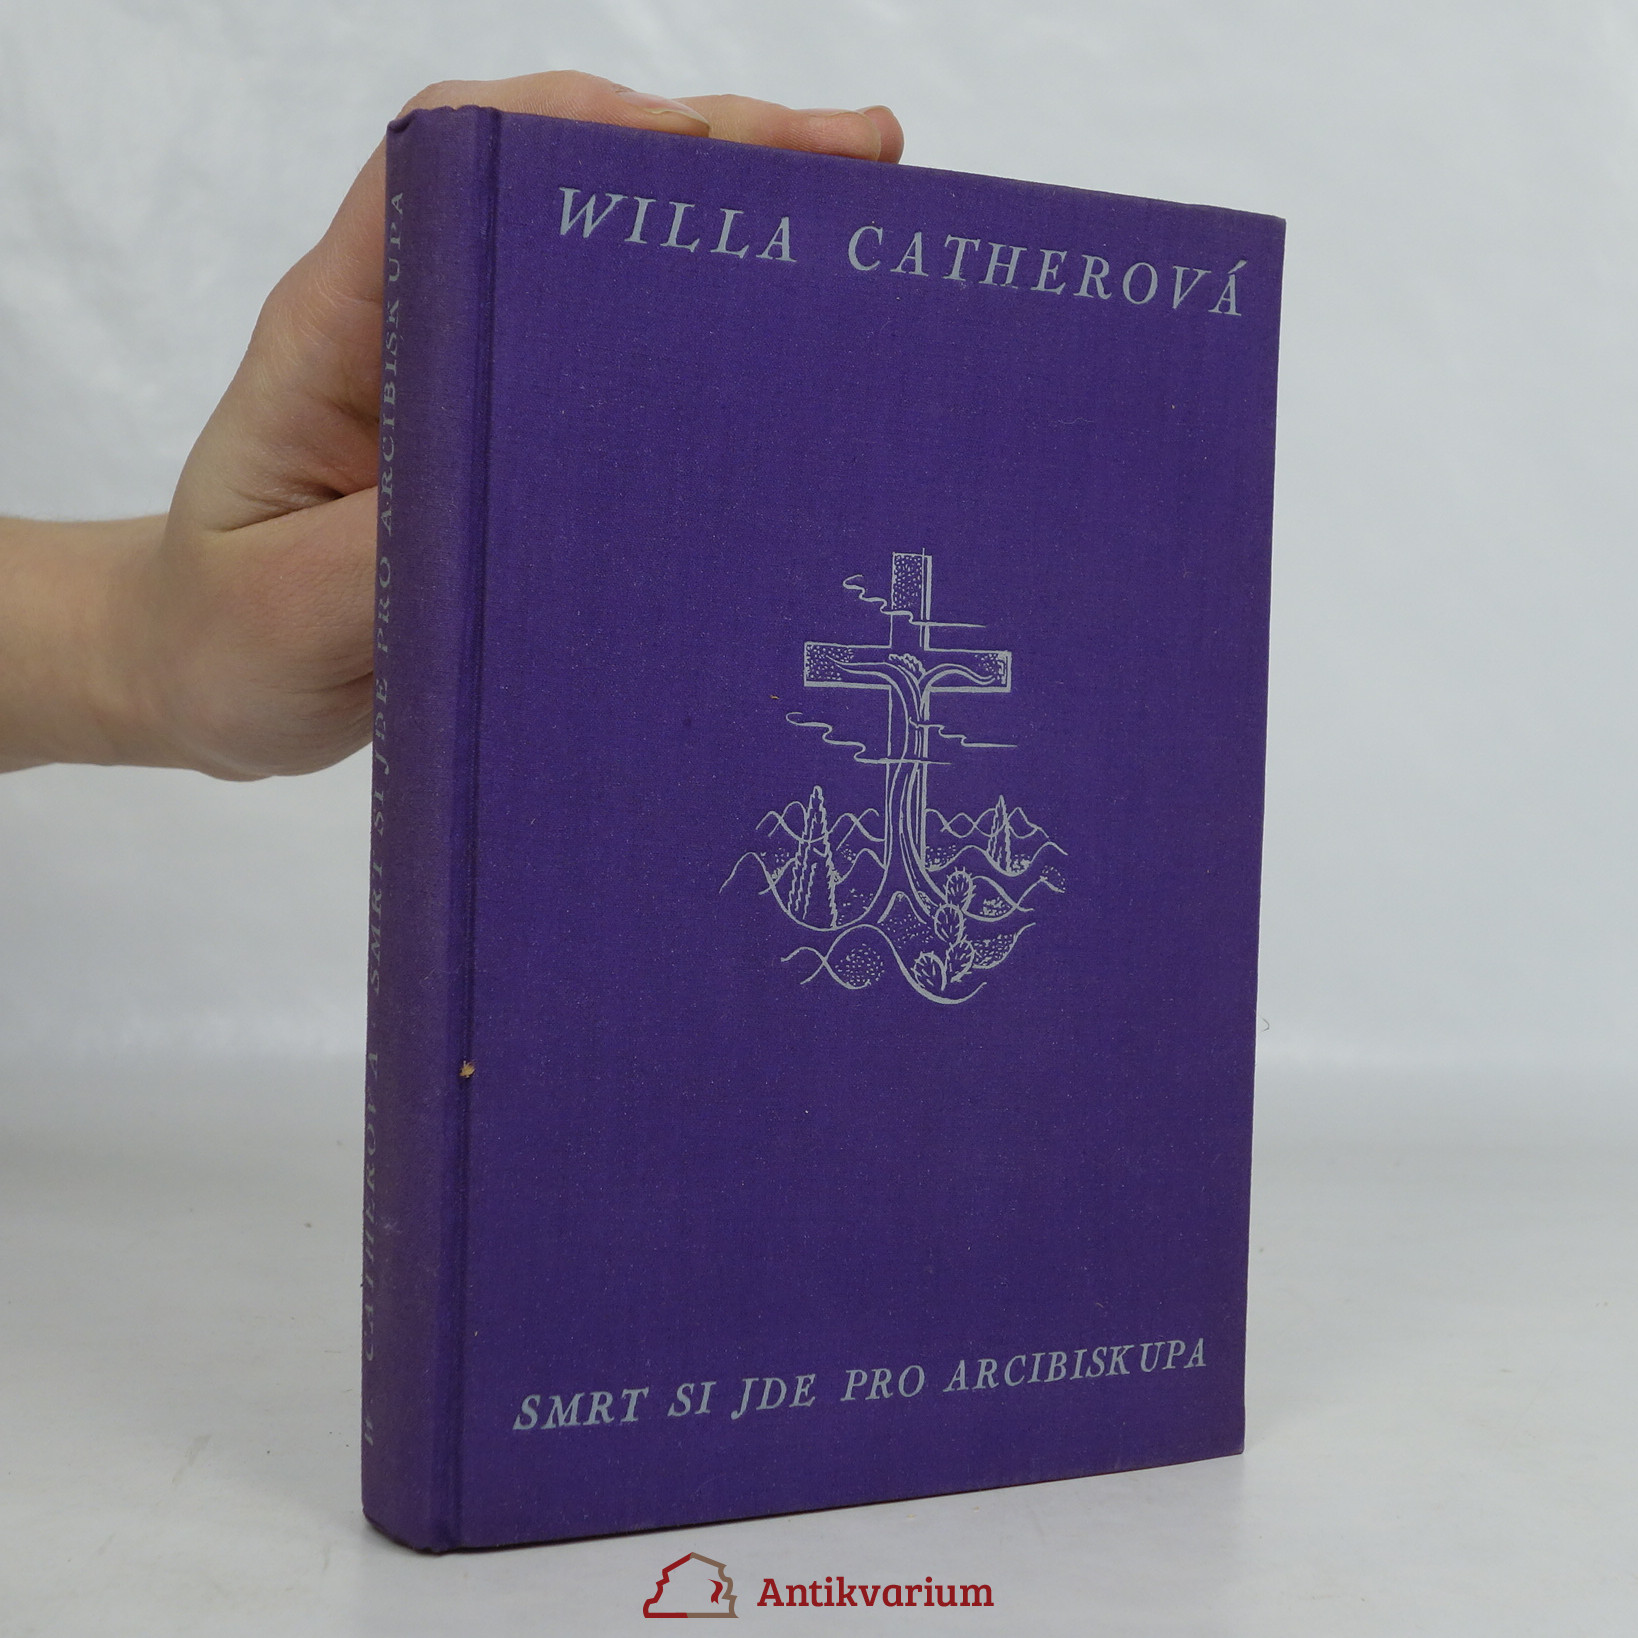 antikvární kniha Smrt si jde pro arcibiskupa, 1930